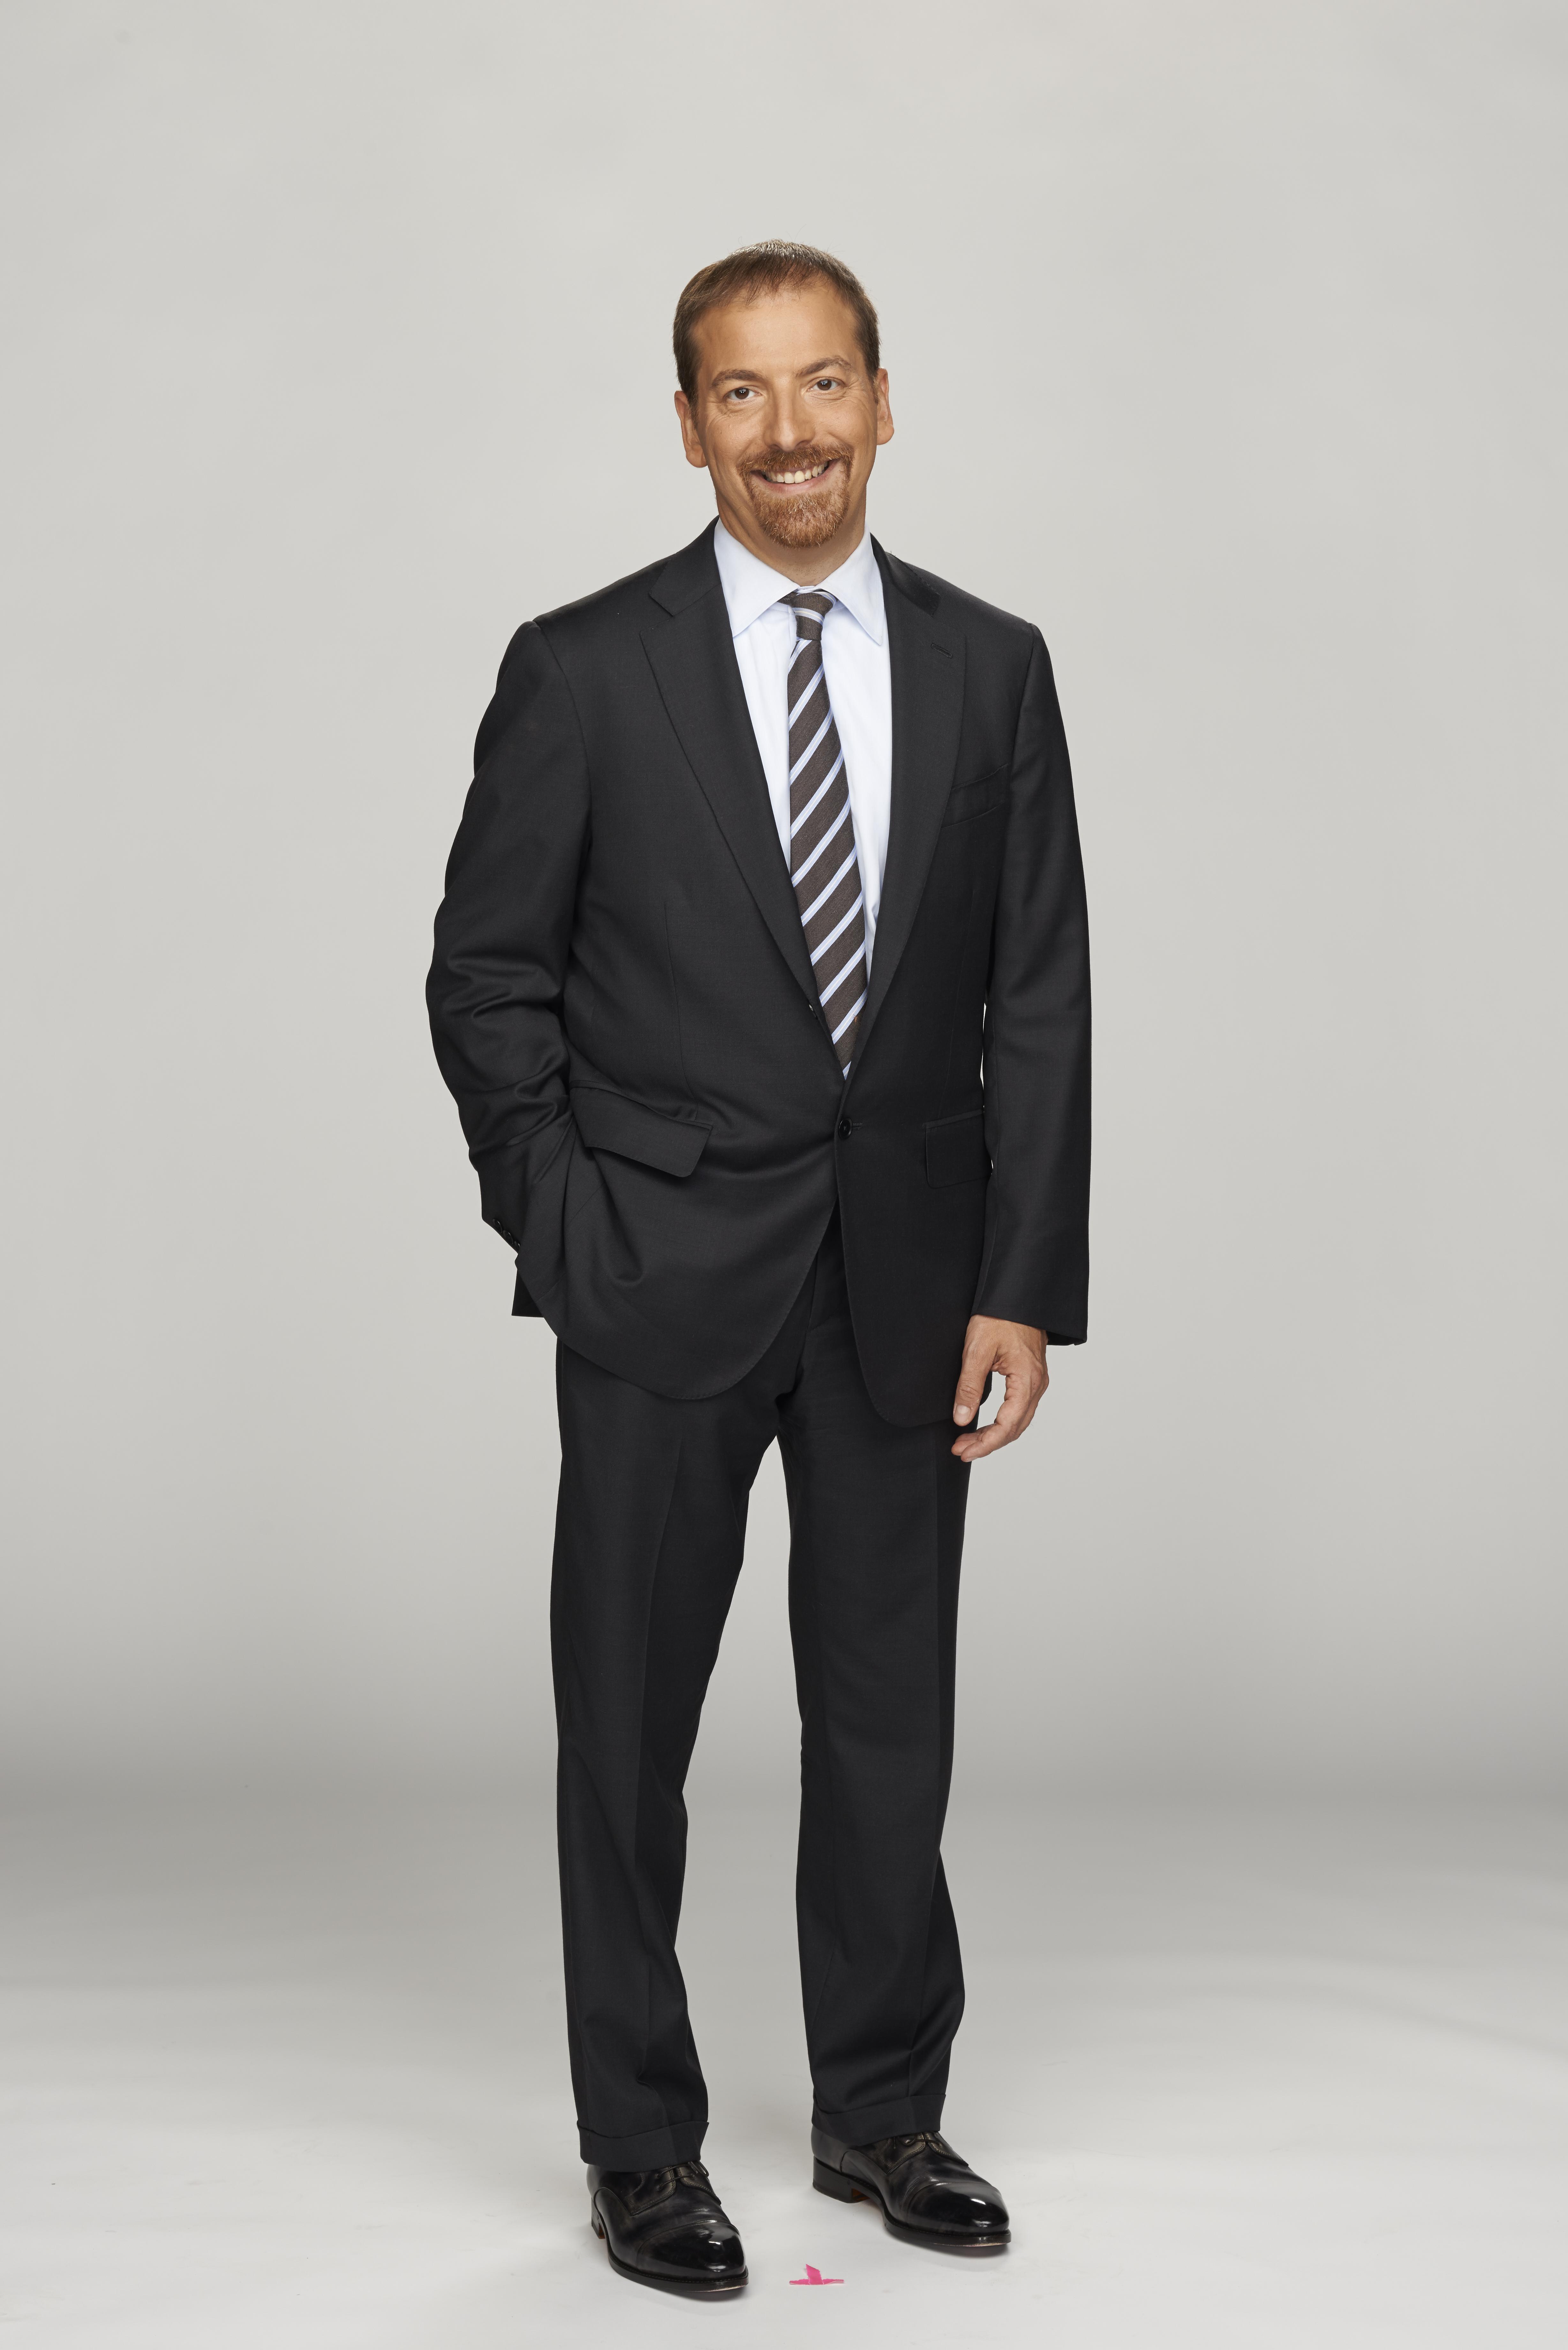 Meet the Press - Season 67 - Chuck Todd